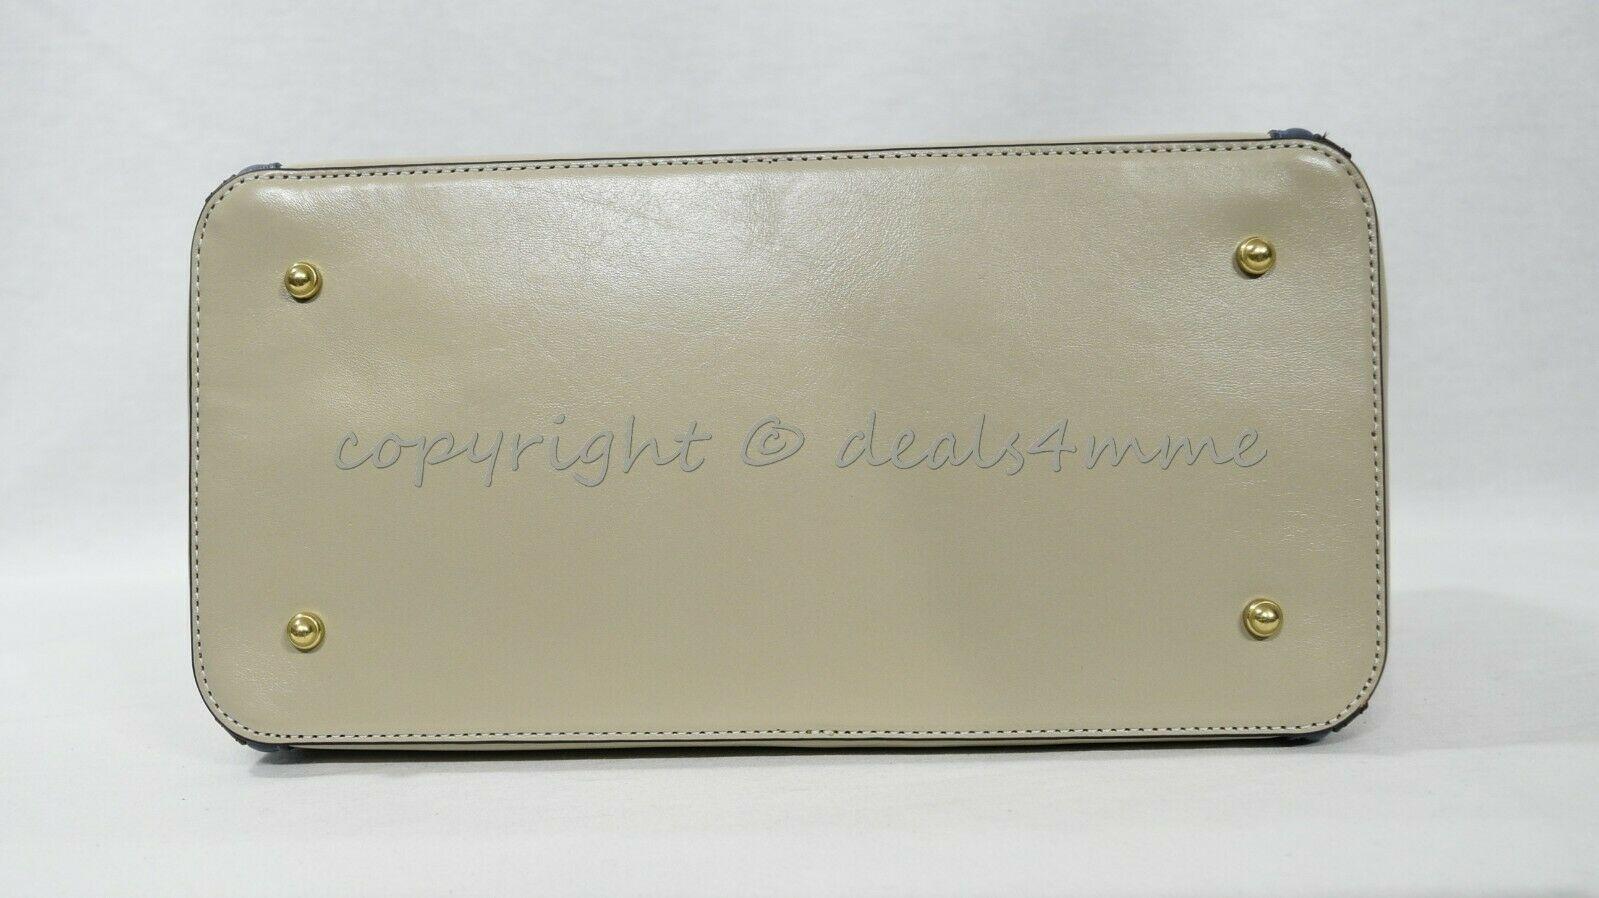 NWT Brahmin Schooner Smooth Leather Satchel/Shoulder Bag in Sand Westport image 11